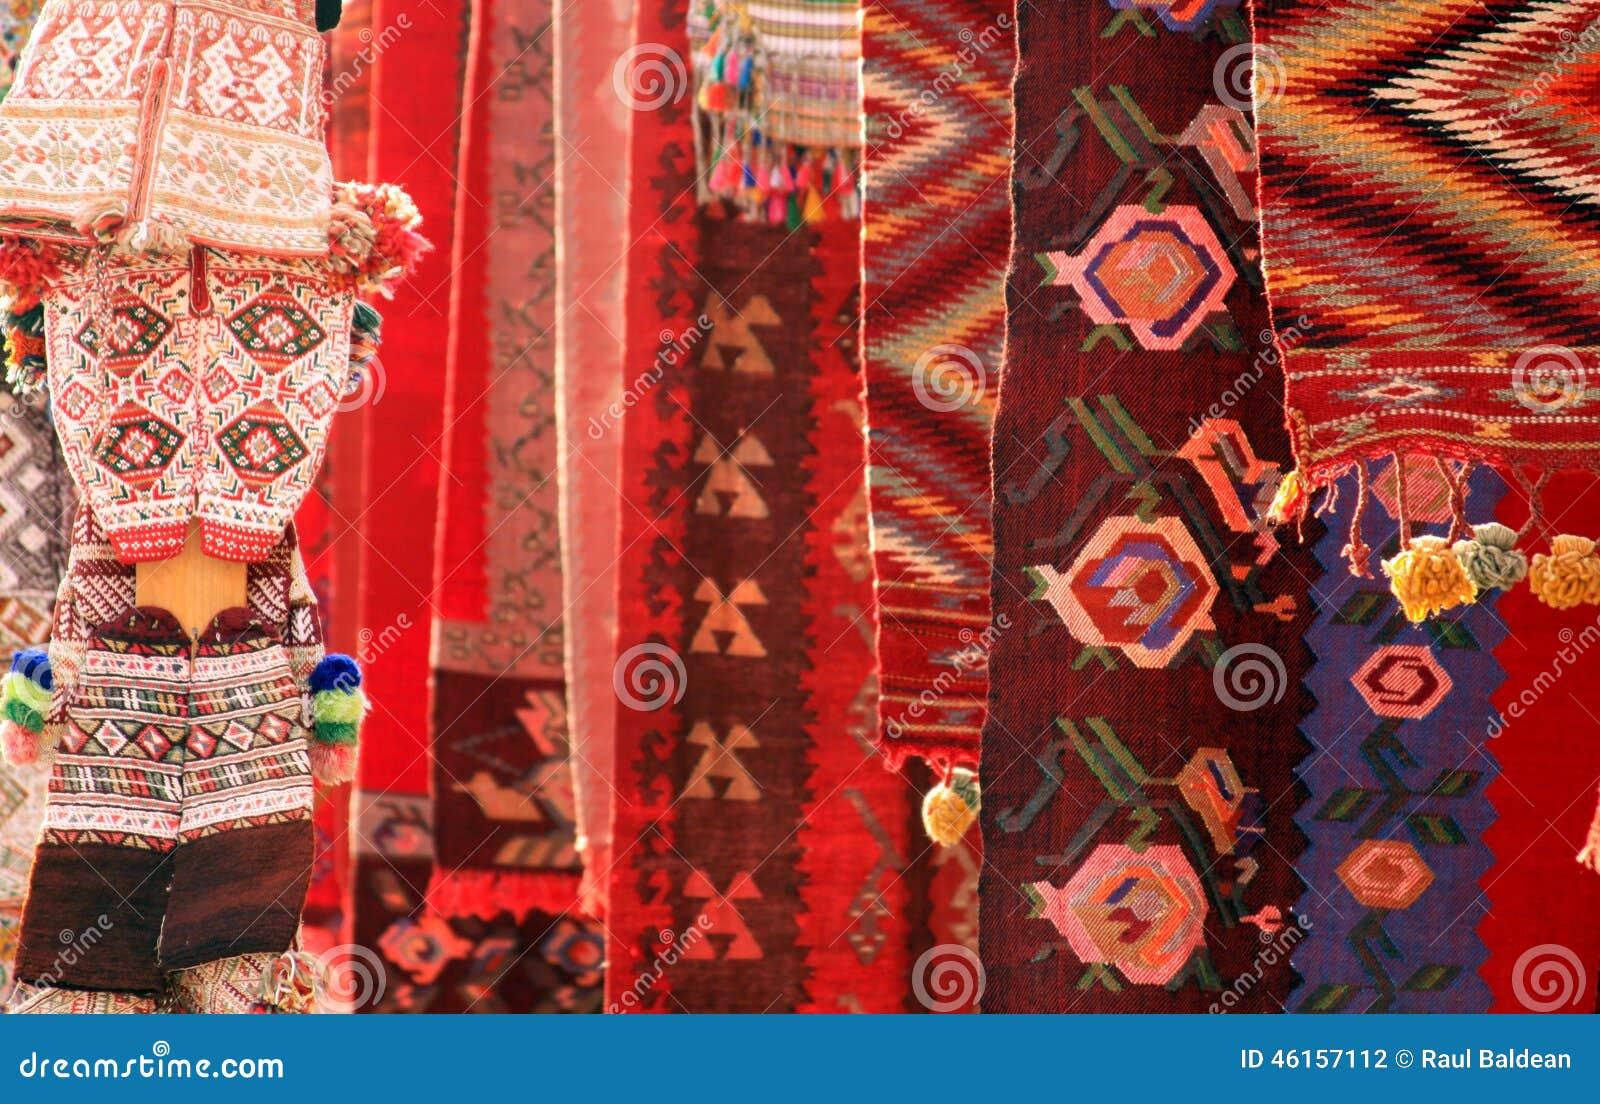 Alfombras rojas y ropa